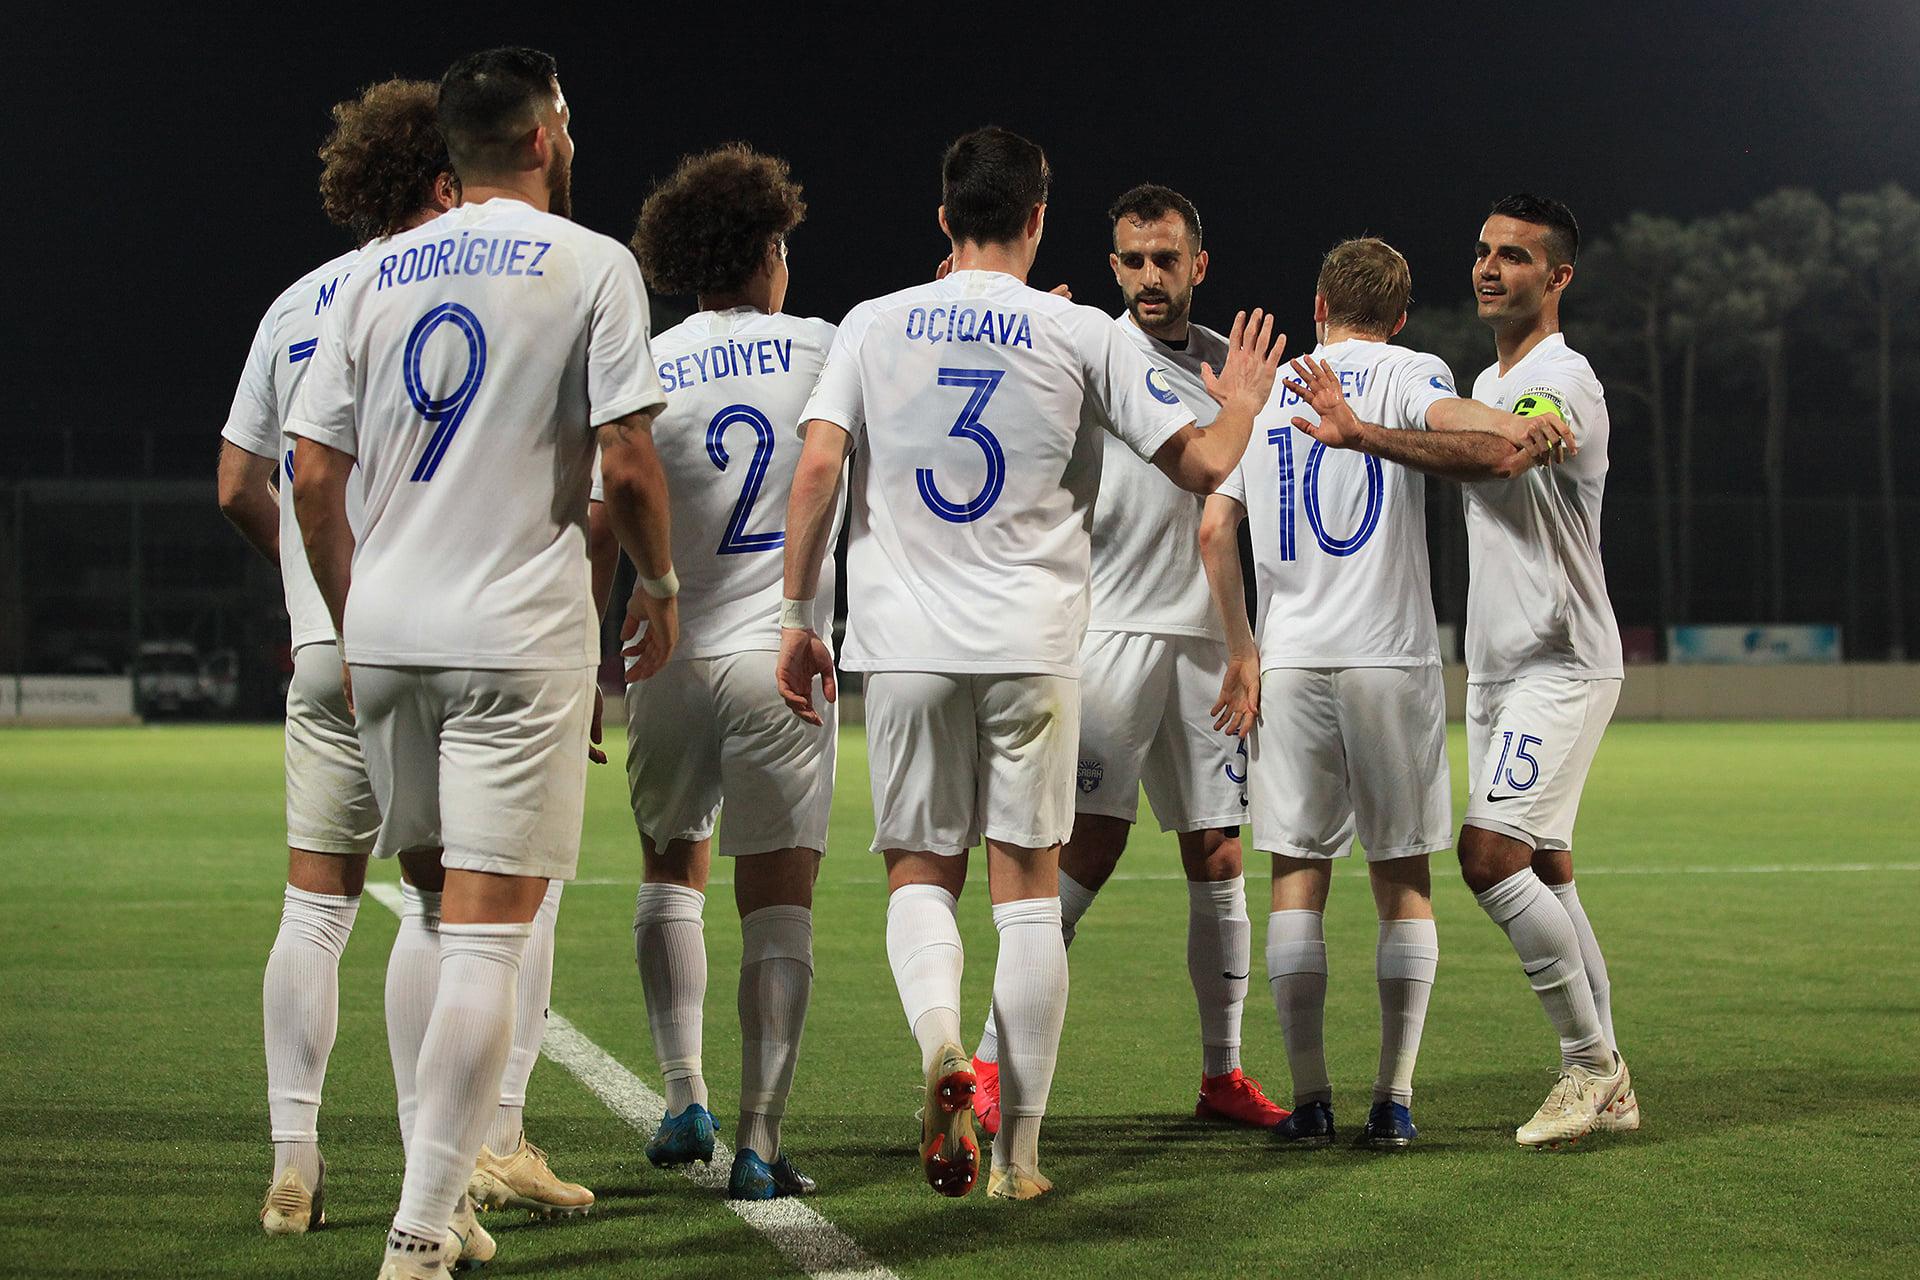 Azərbaycan klubunun məşqçisindən 4000 manatlıq təhqiredici jest